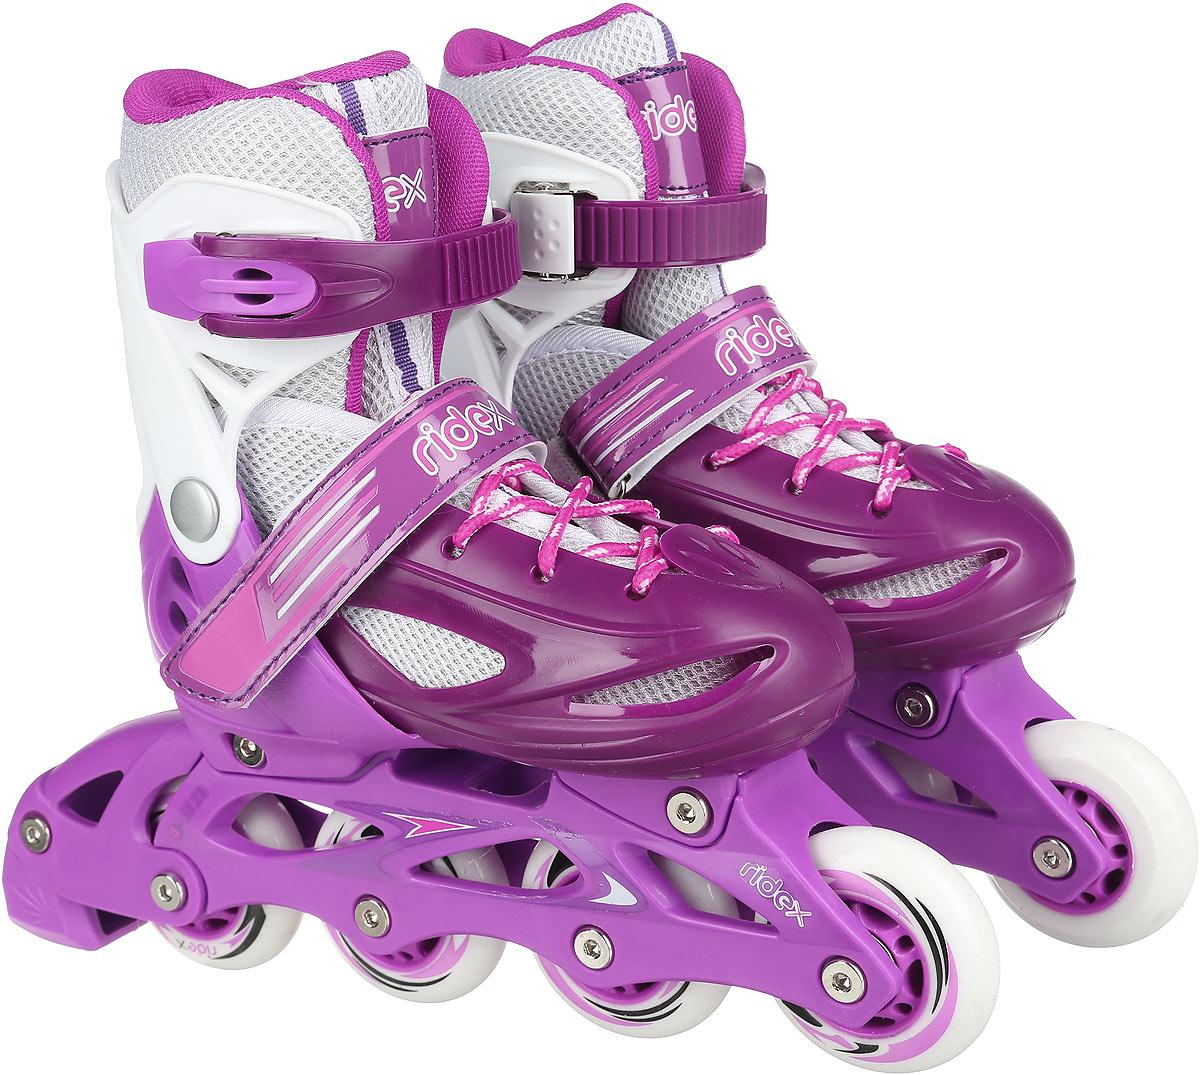 Коньки роликовые Ridex Sonny, раздвижные, цвет: фиолетовый, белый. УТ-00008099. Размер 34/37